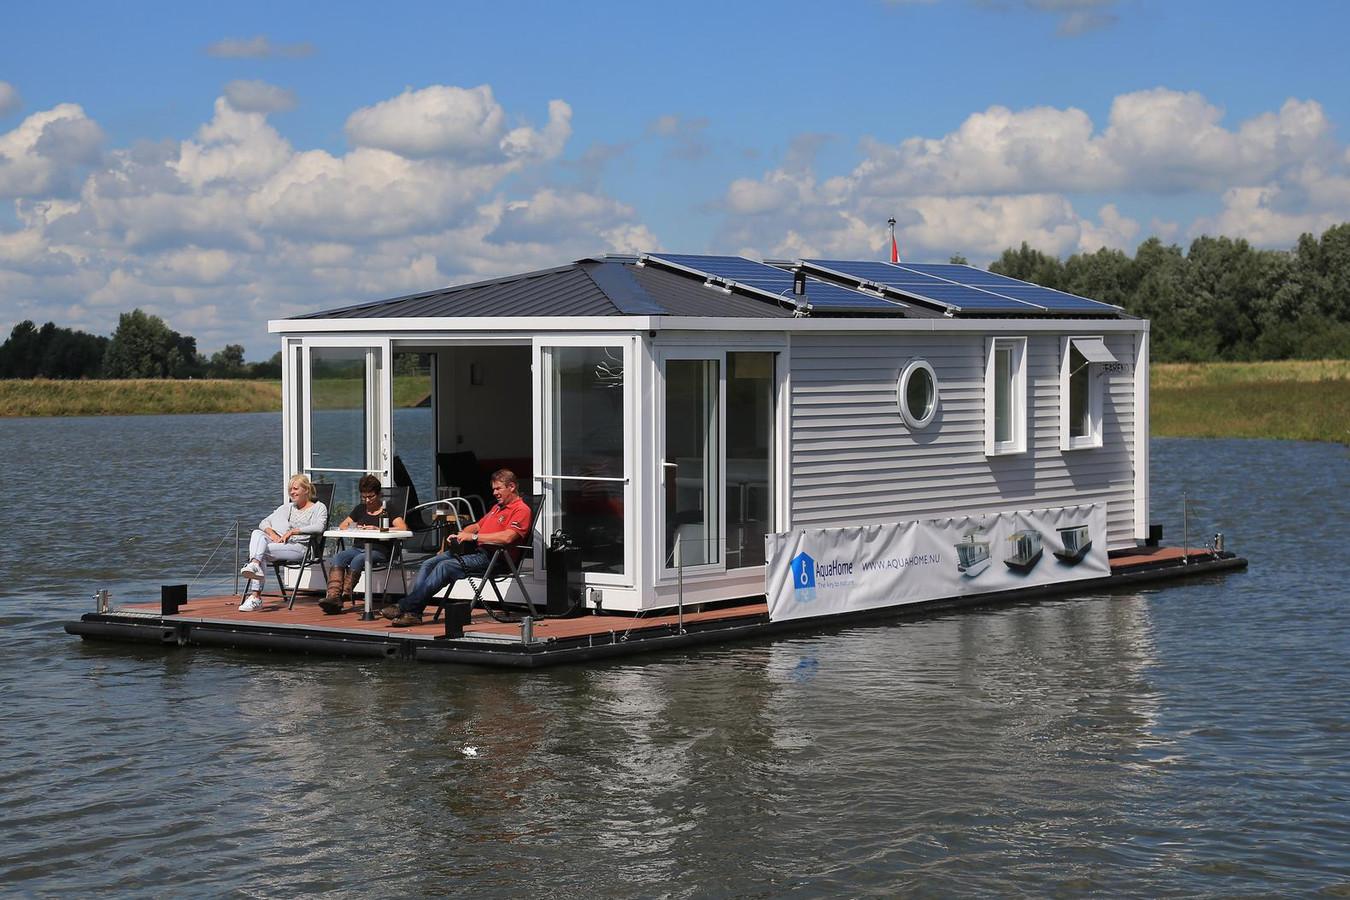 Aquahome vakantiehuisje op het water in biesbosch foto - Terras van huis ...